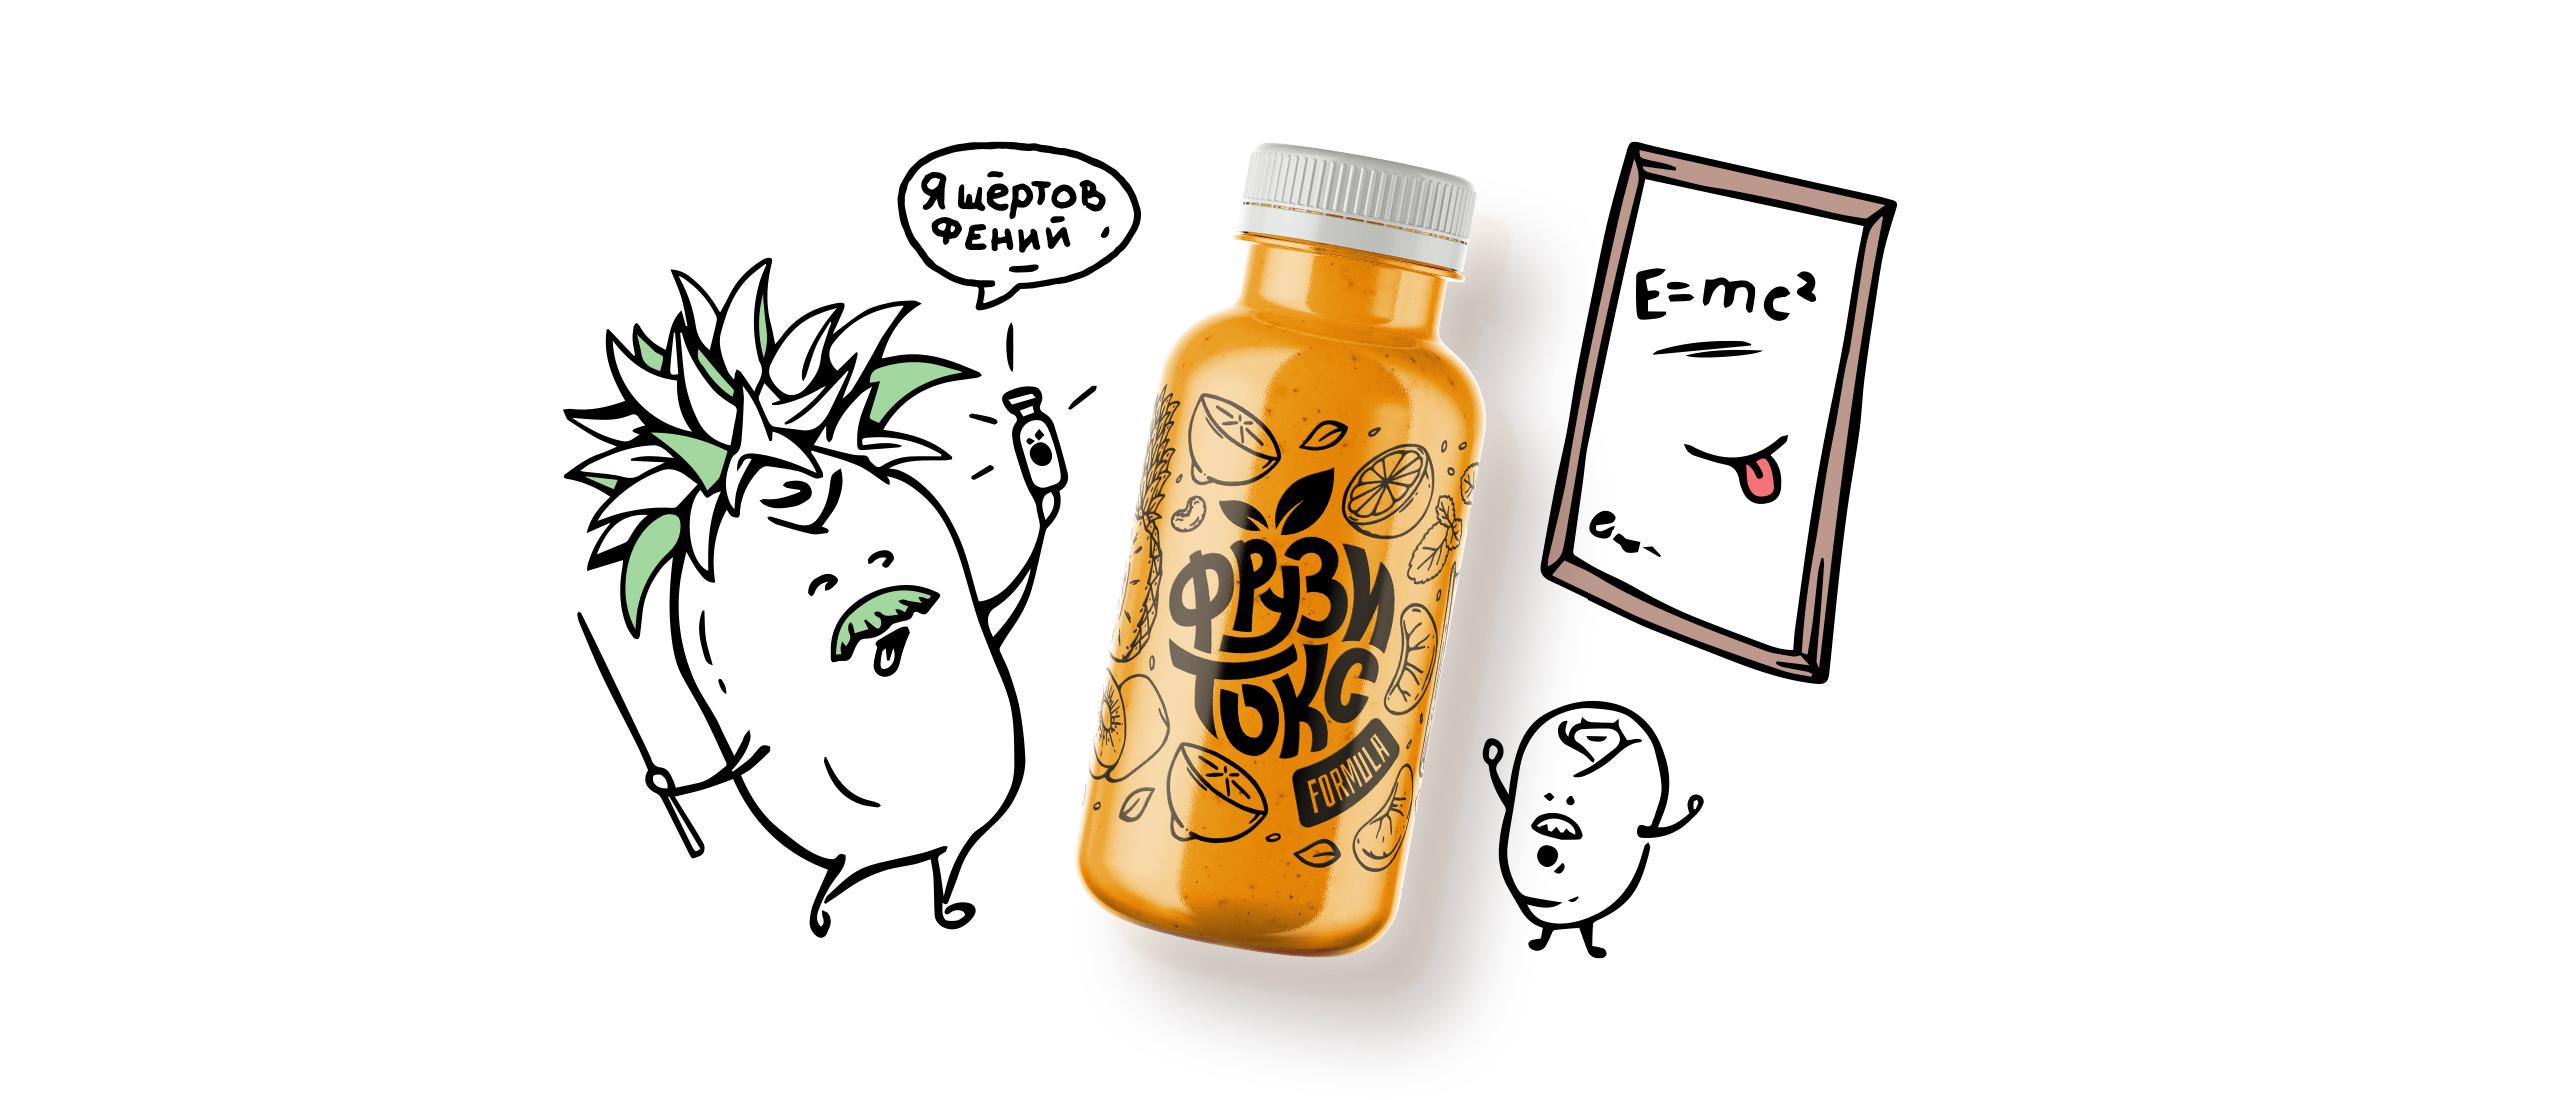 Smoothie Fruzitox果汁品牌和包装设计